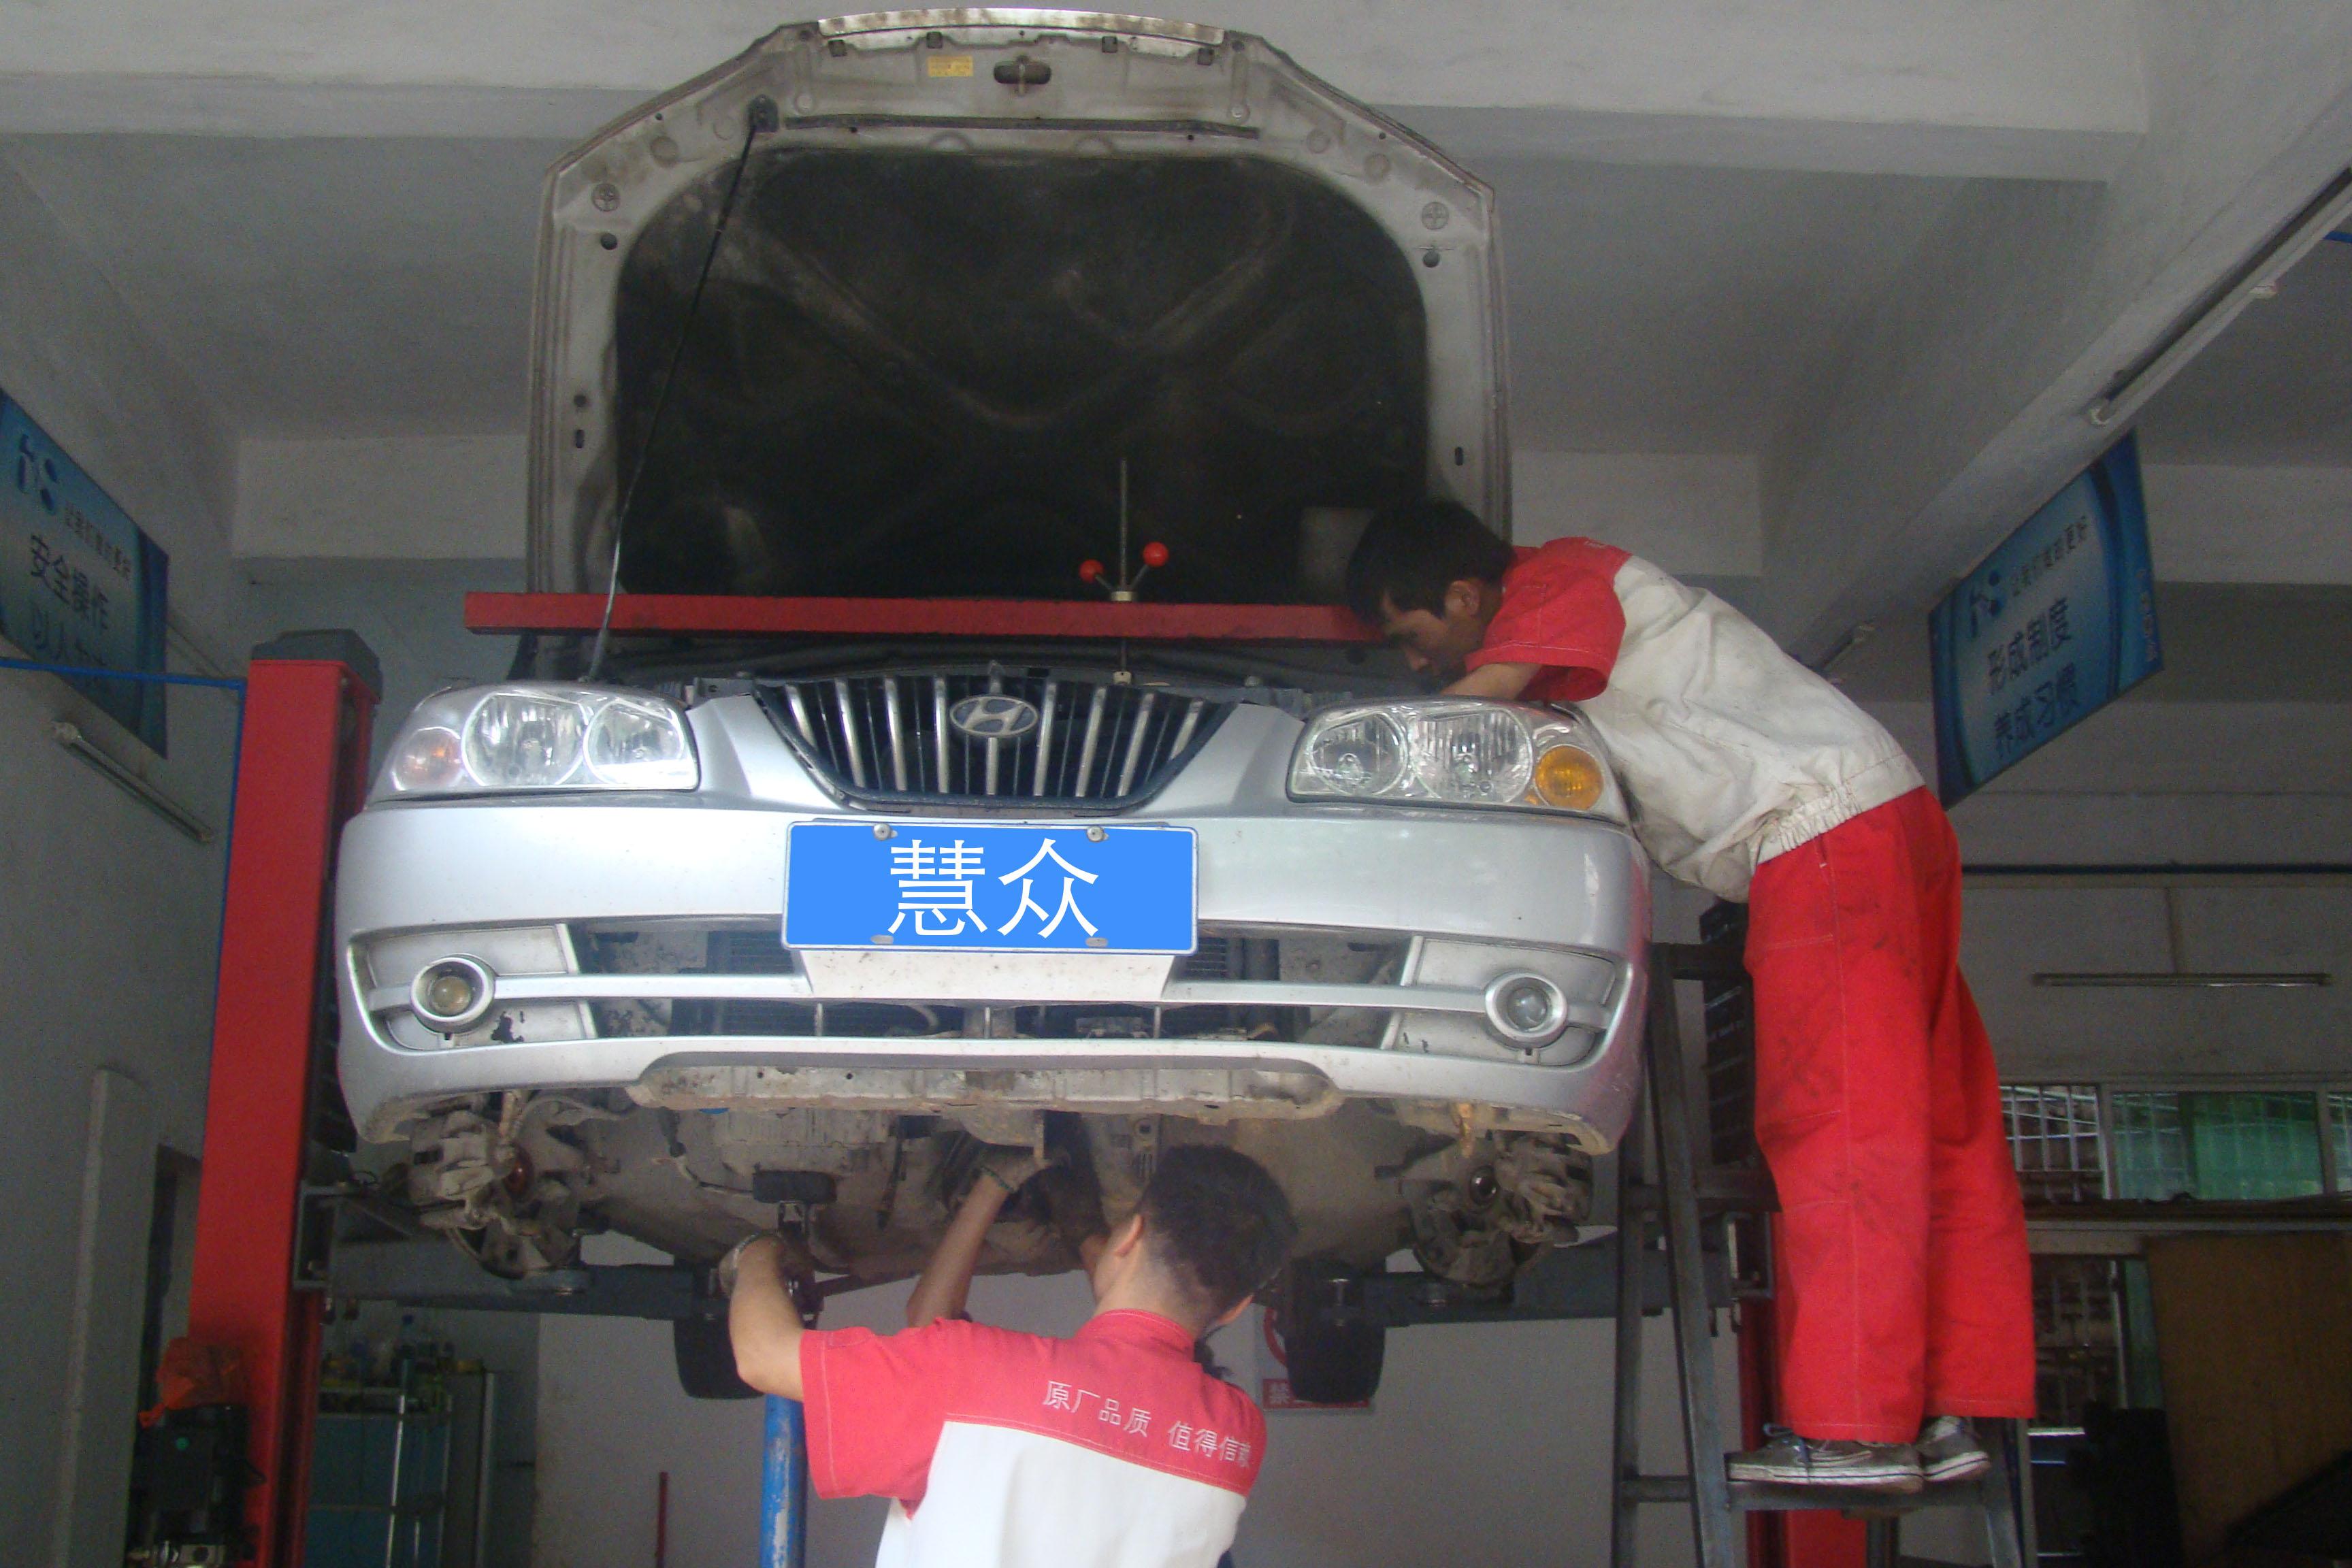 伊兰特自动变速箱维修,伊兰特自动变速箱故障,伊兰特